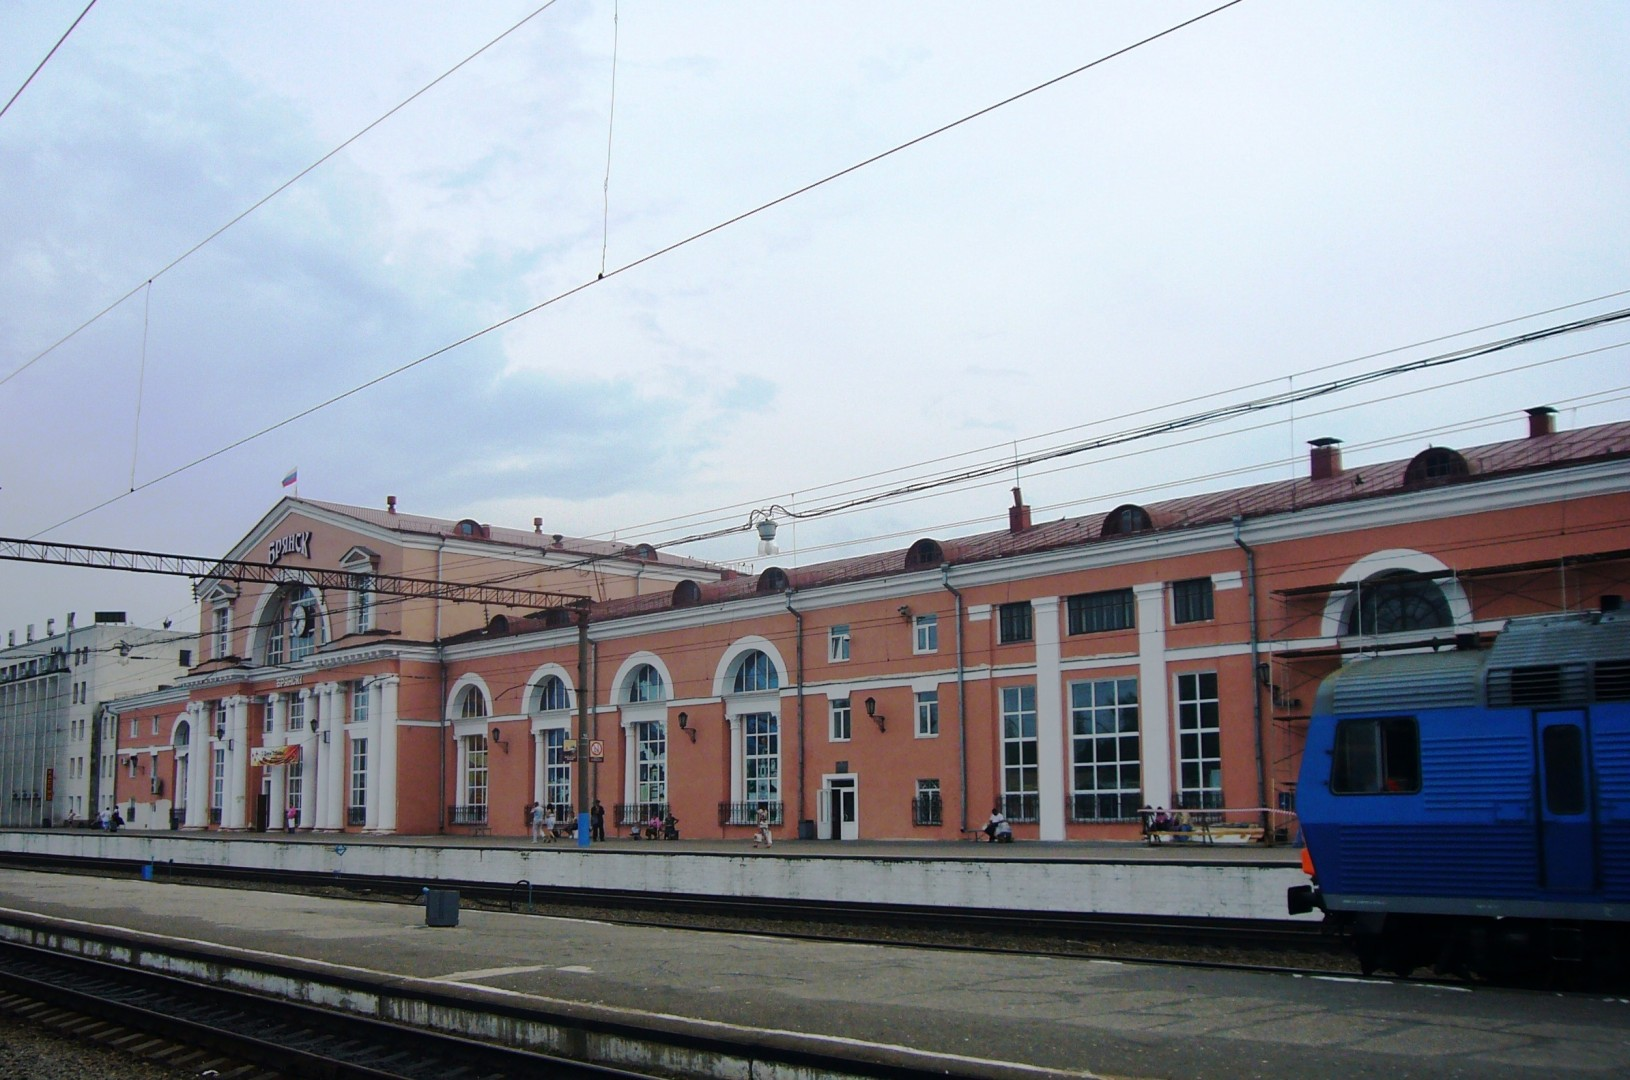 Адрес автовокзала брянск орловский